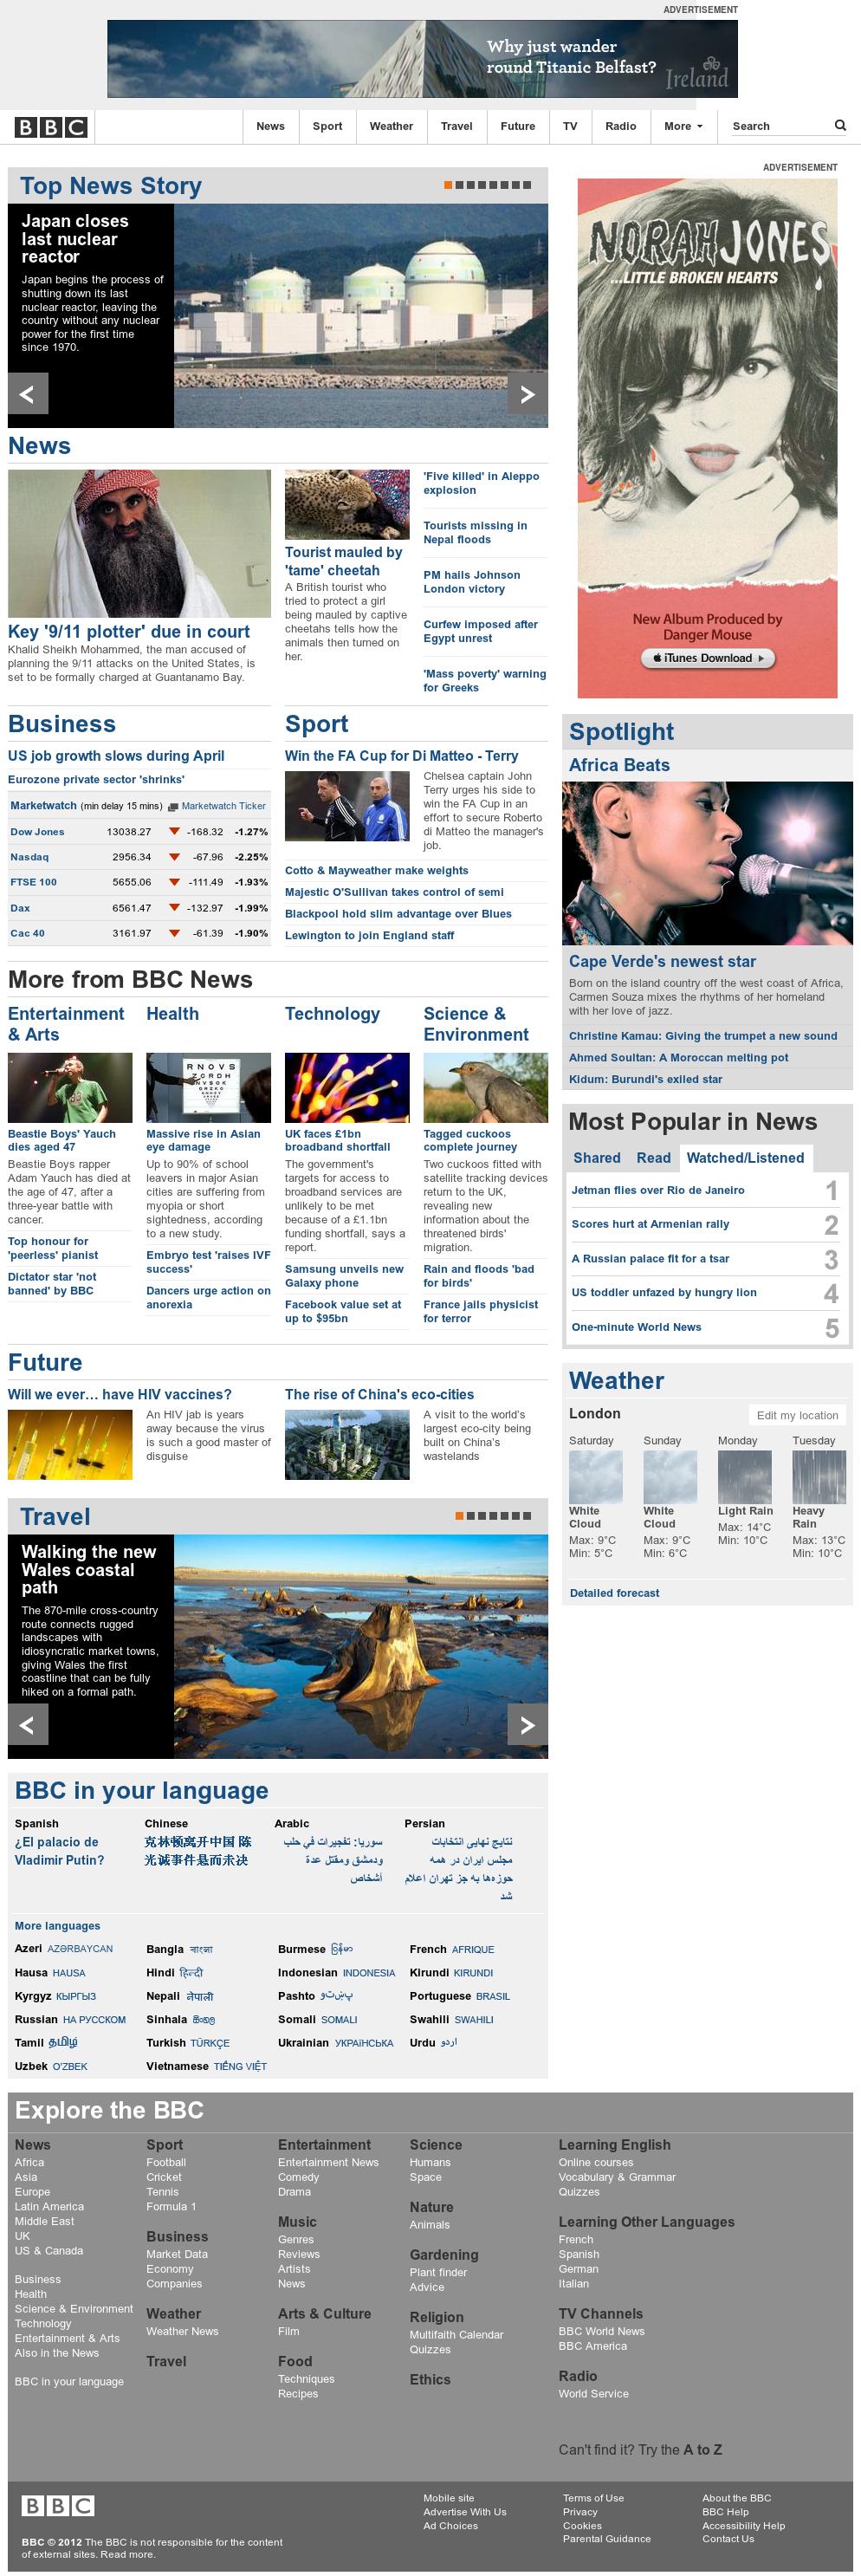 BBC at Saturday May 5, 2012, 11 a.m. UTC